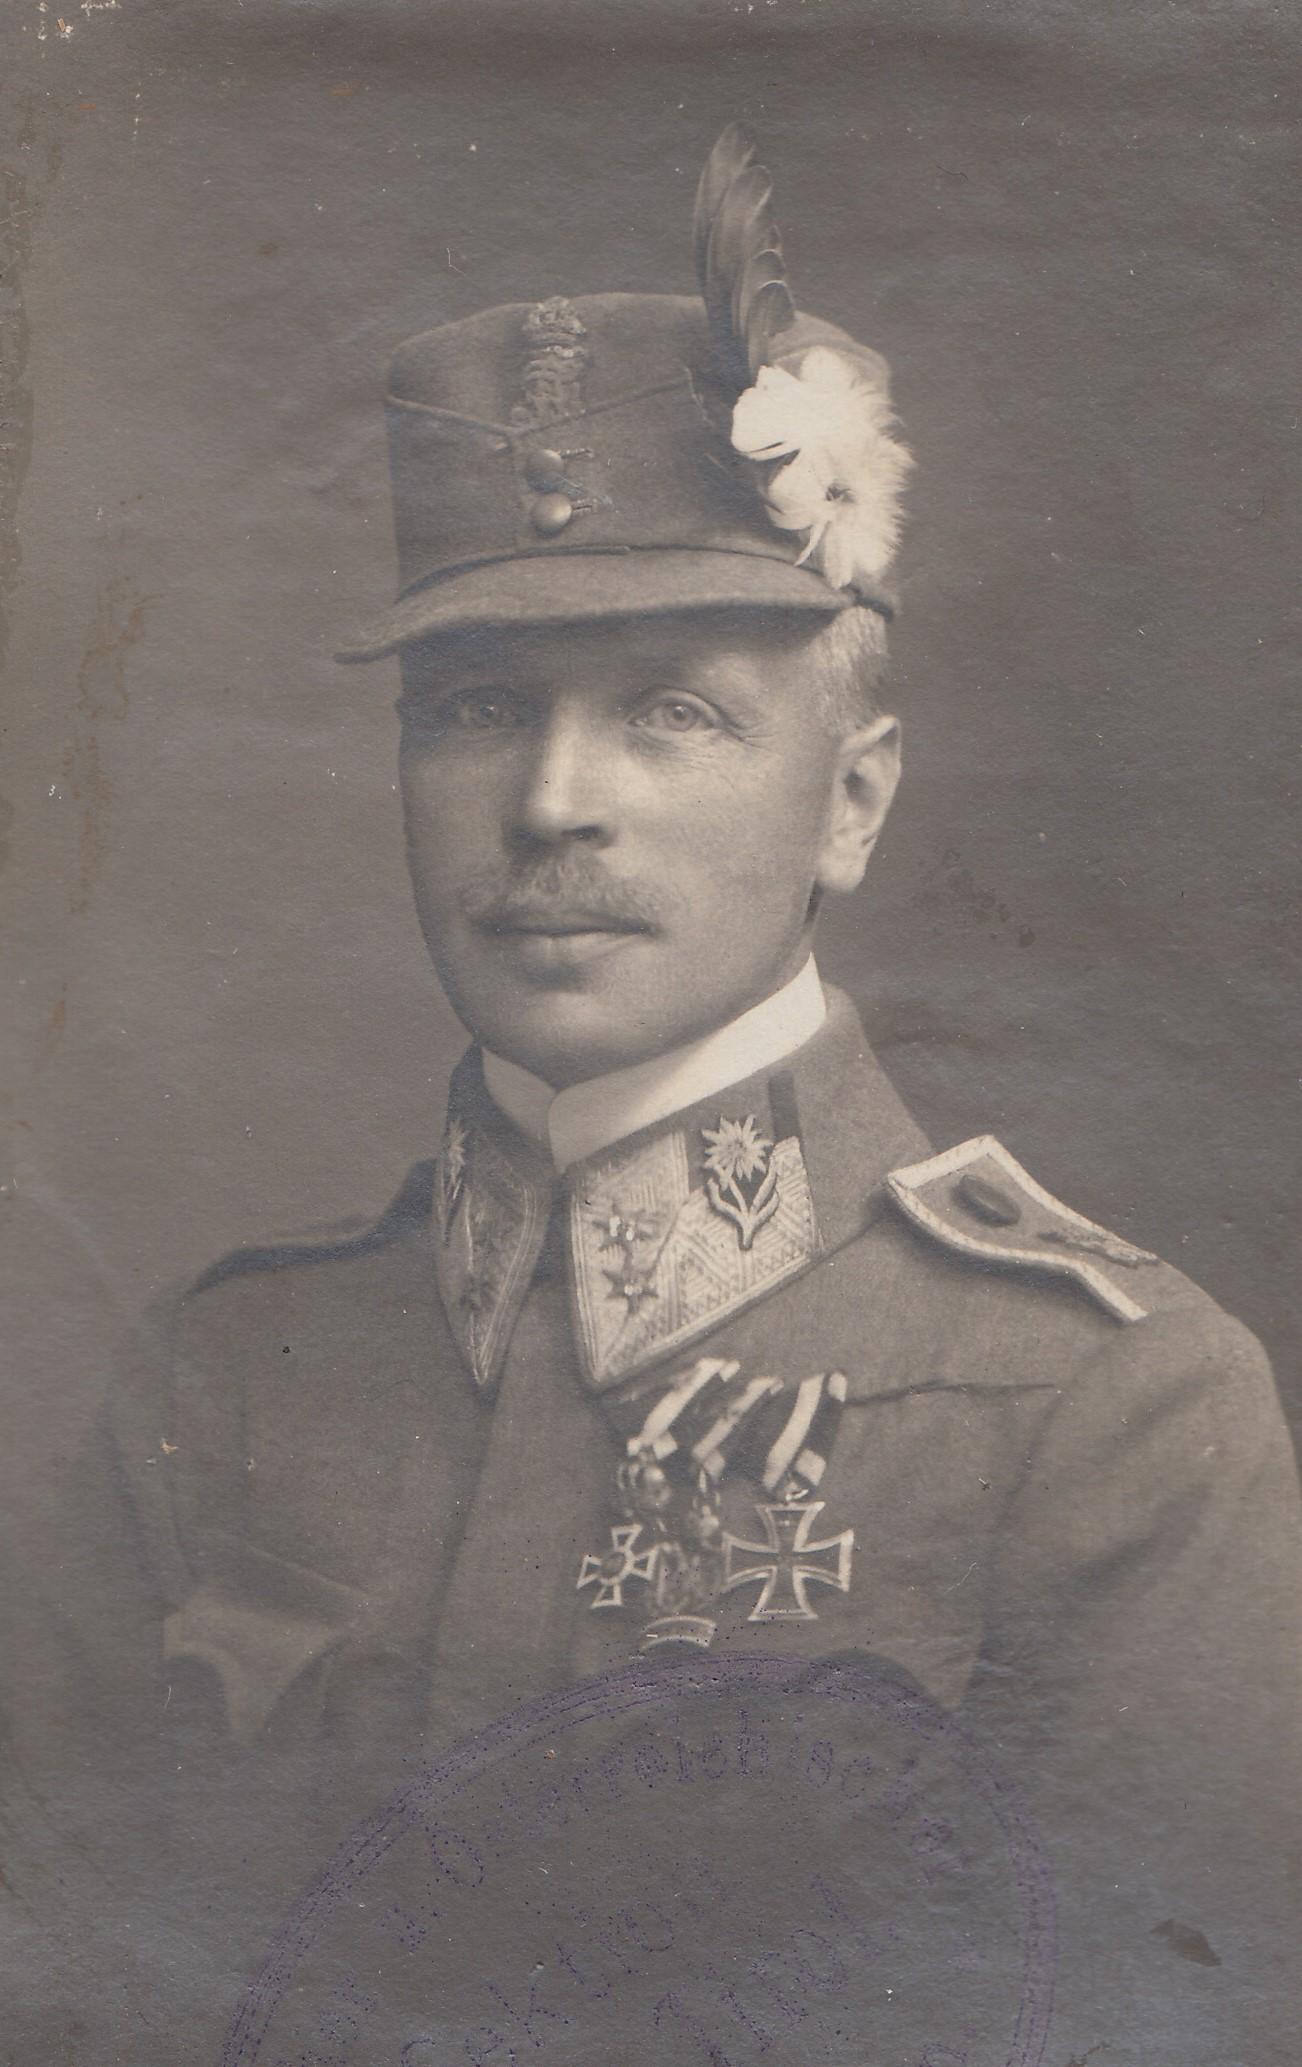 Aus Dem Tagebuch Eines Kaiserschützenoffiziers I